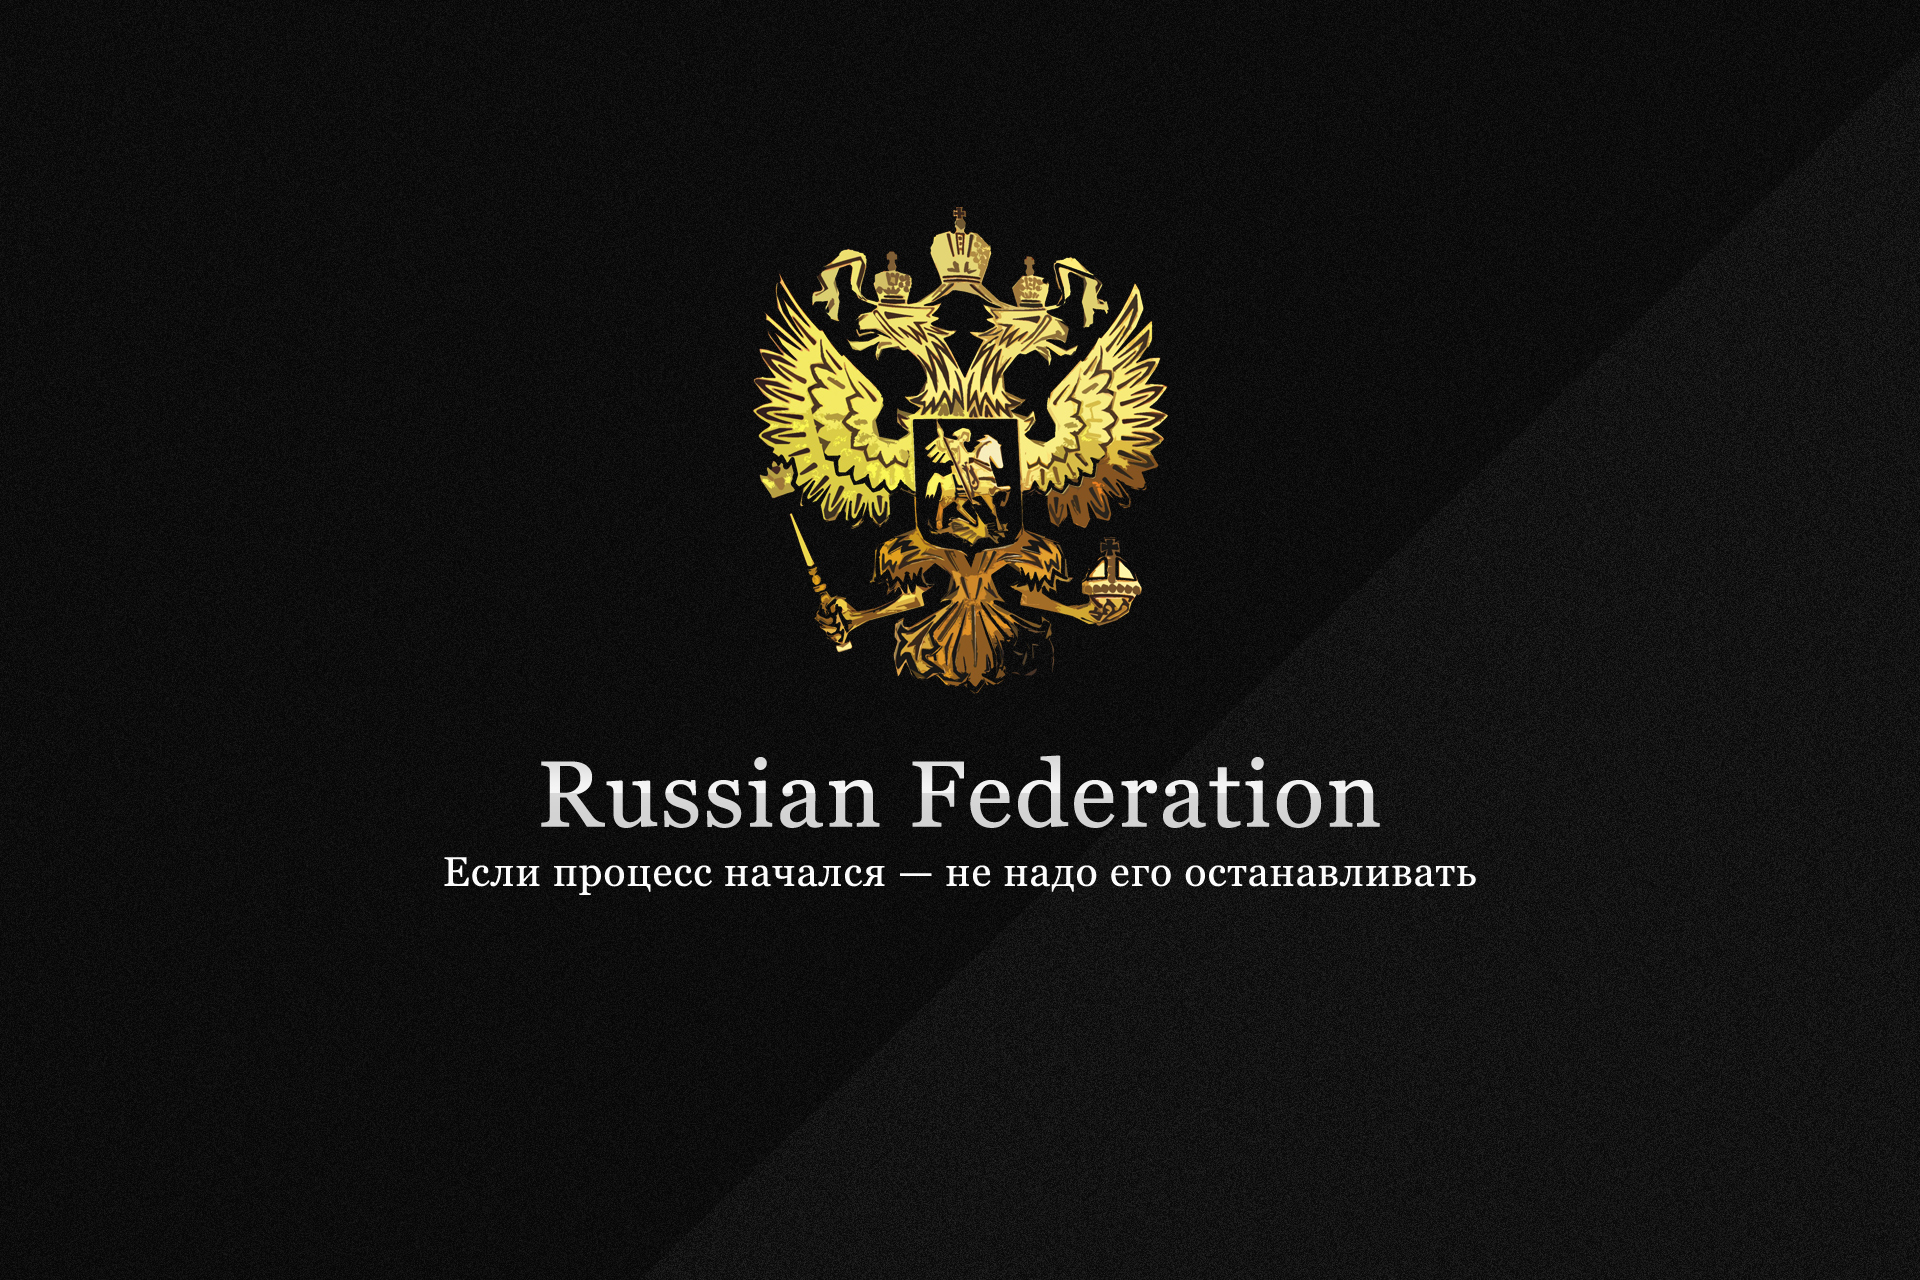 Обои на рабочий стол россия медведь и флаг 1360x768